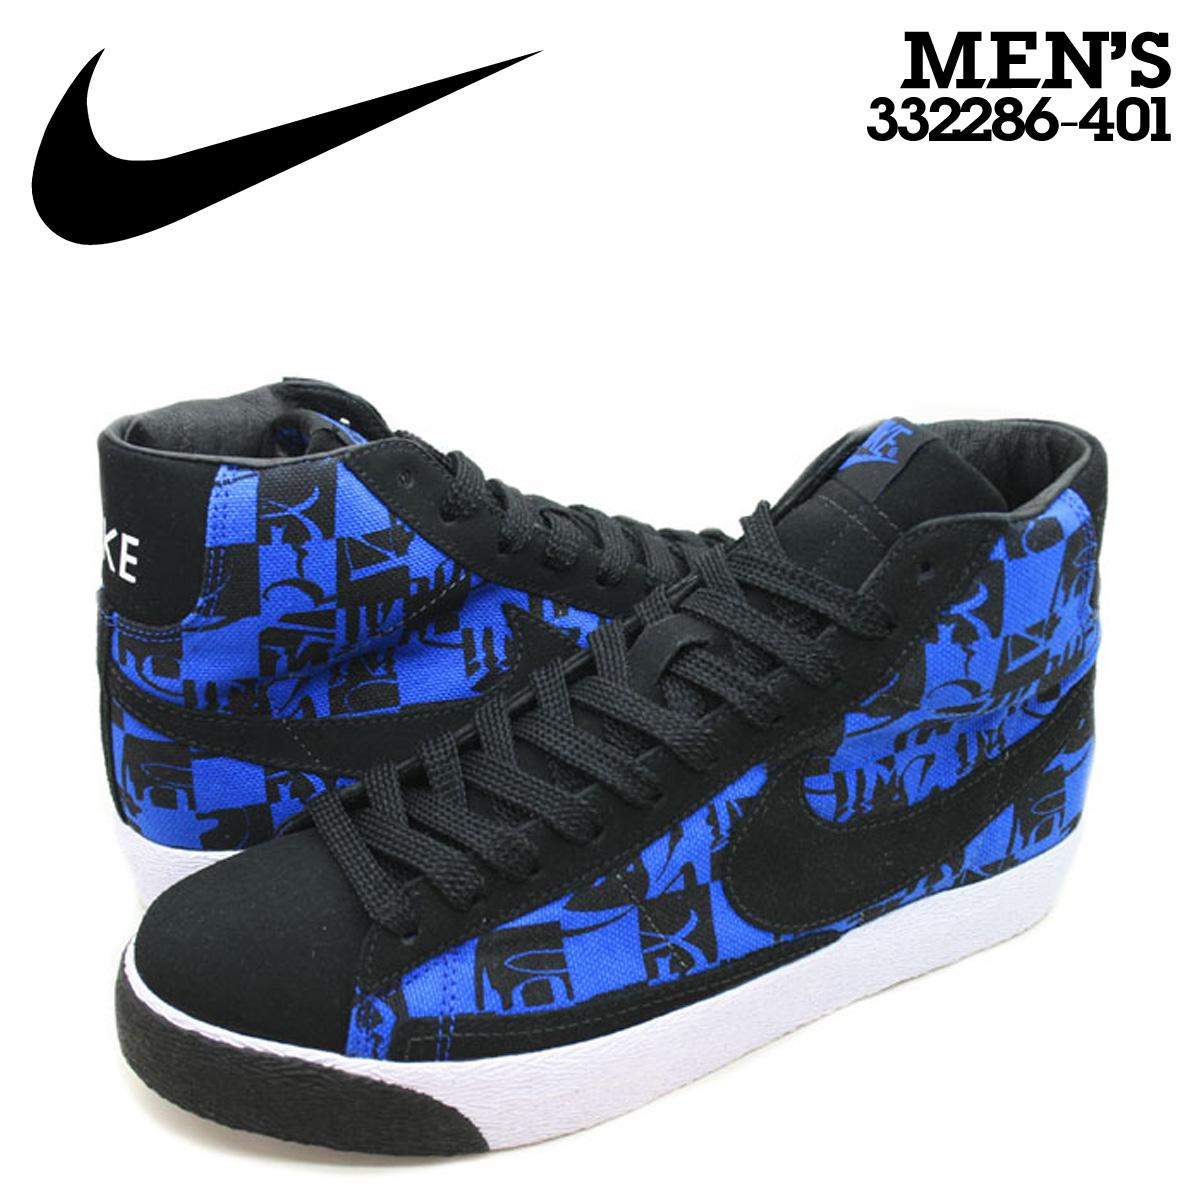 run shoes great deals 2017 top design NIKE Nike blazer sneakers STUSSY NEIGHBORHOOD BLAZER HIGH PREMIUM TZ  BONEYARDS ステューシーネイバーフッドコラボモデルブレーザープレミアム 332,286-401 blue men